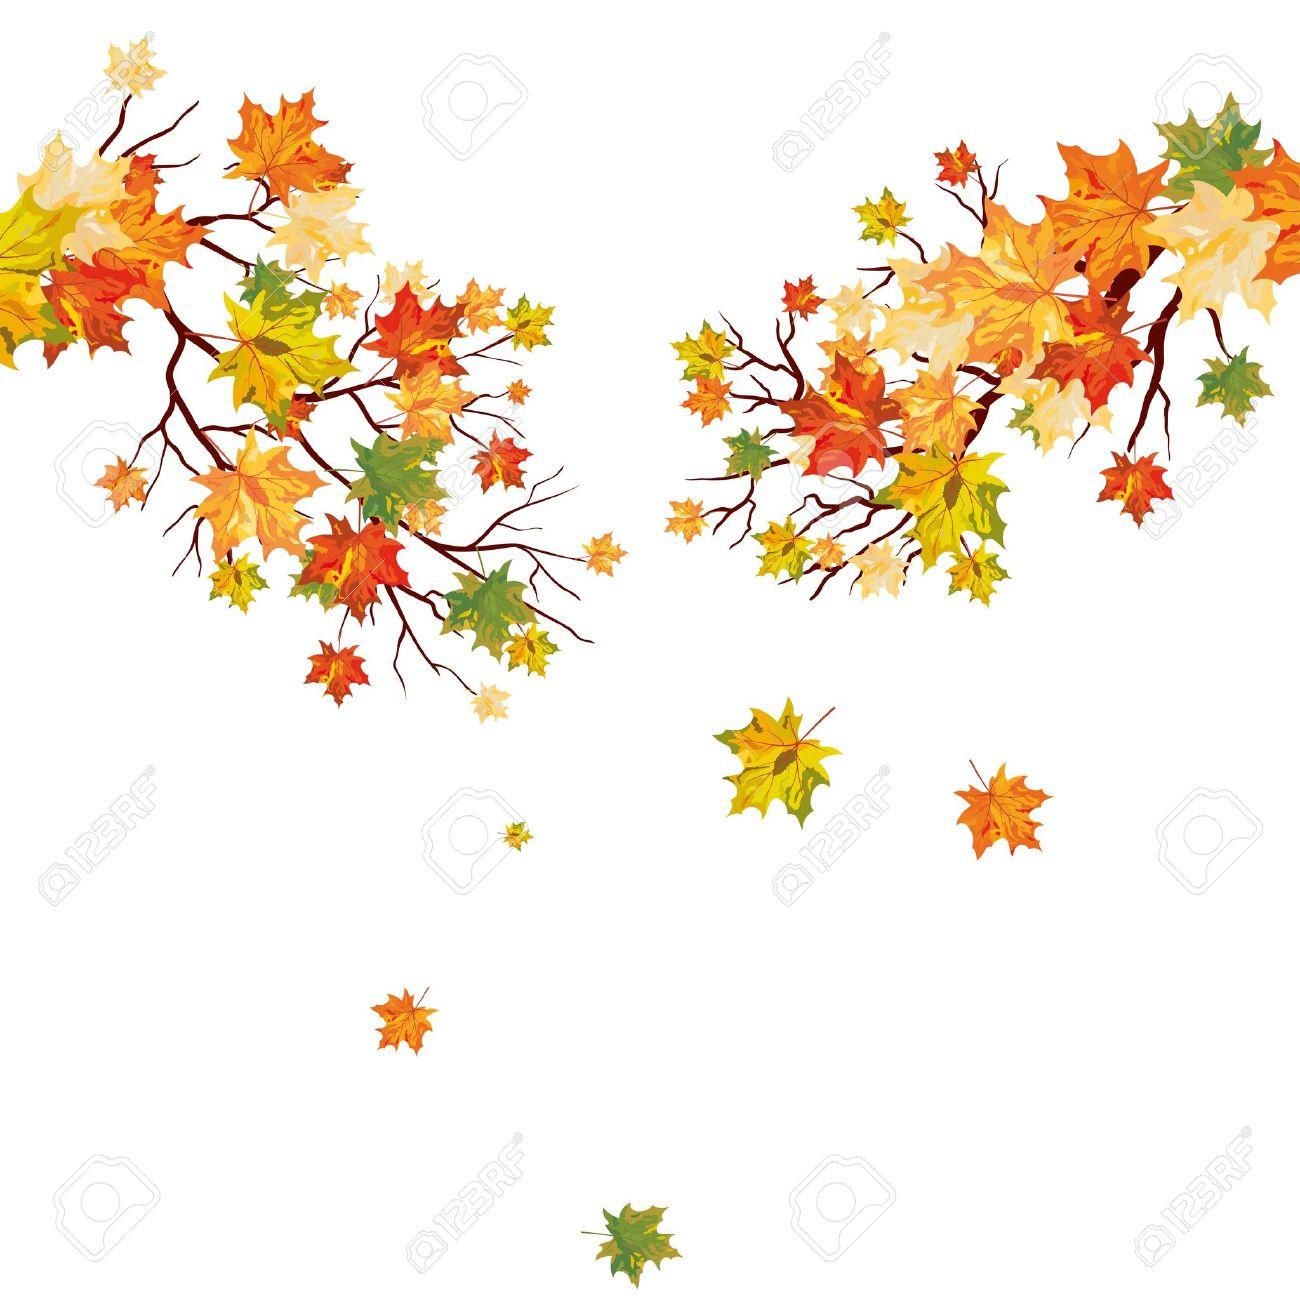 落ち葉と秋のカエデの木イラストのイラスト素材ベクタ Image